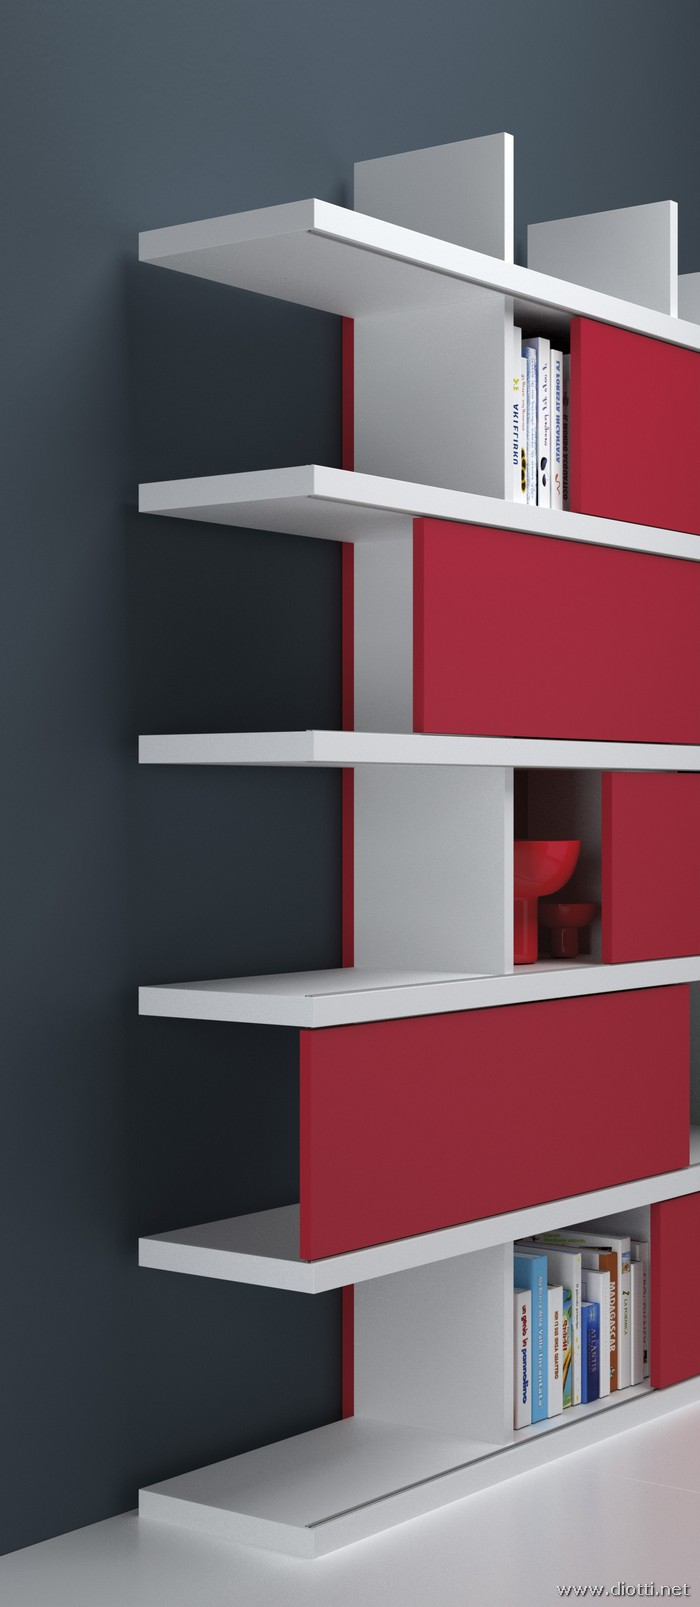 Young-libreria-laccato-bianco-rosso-big